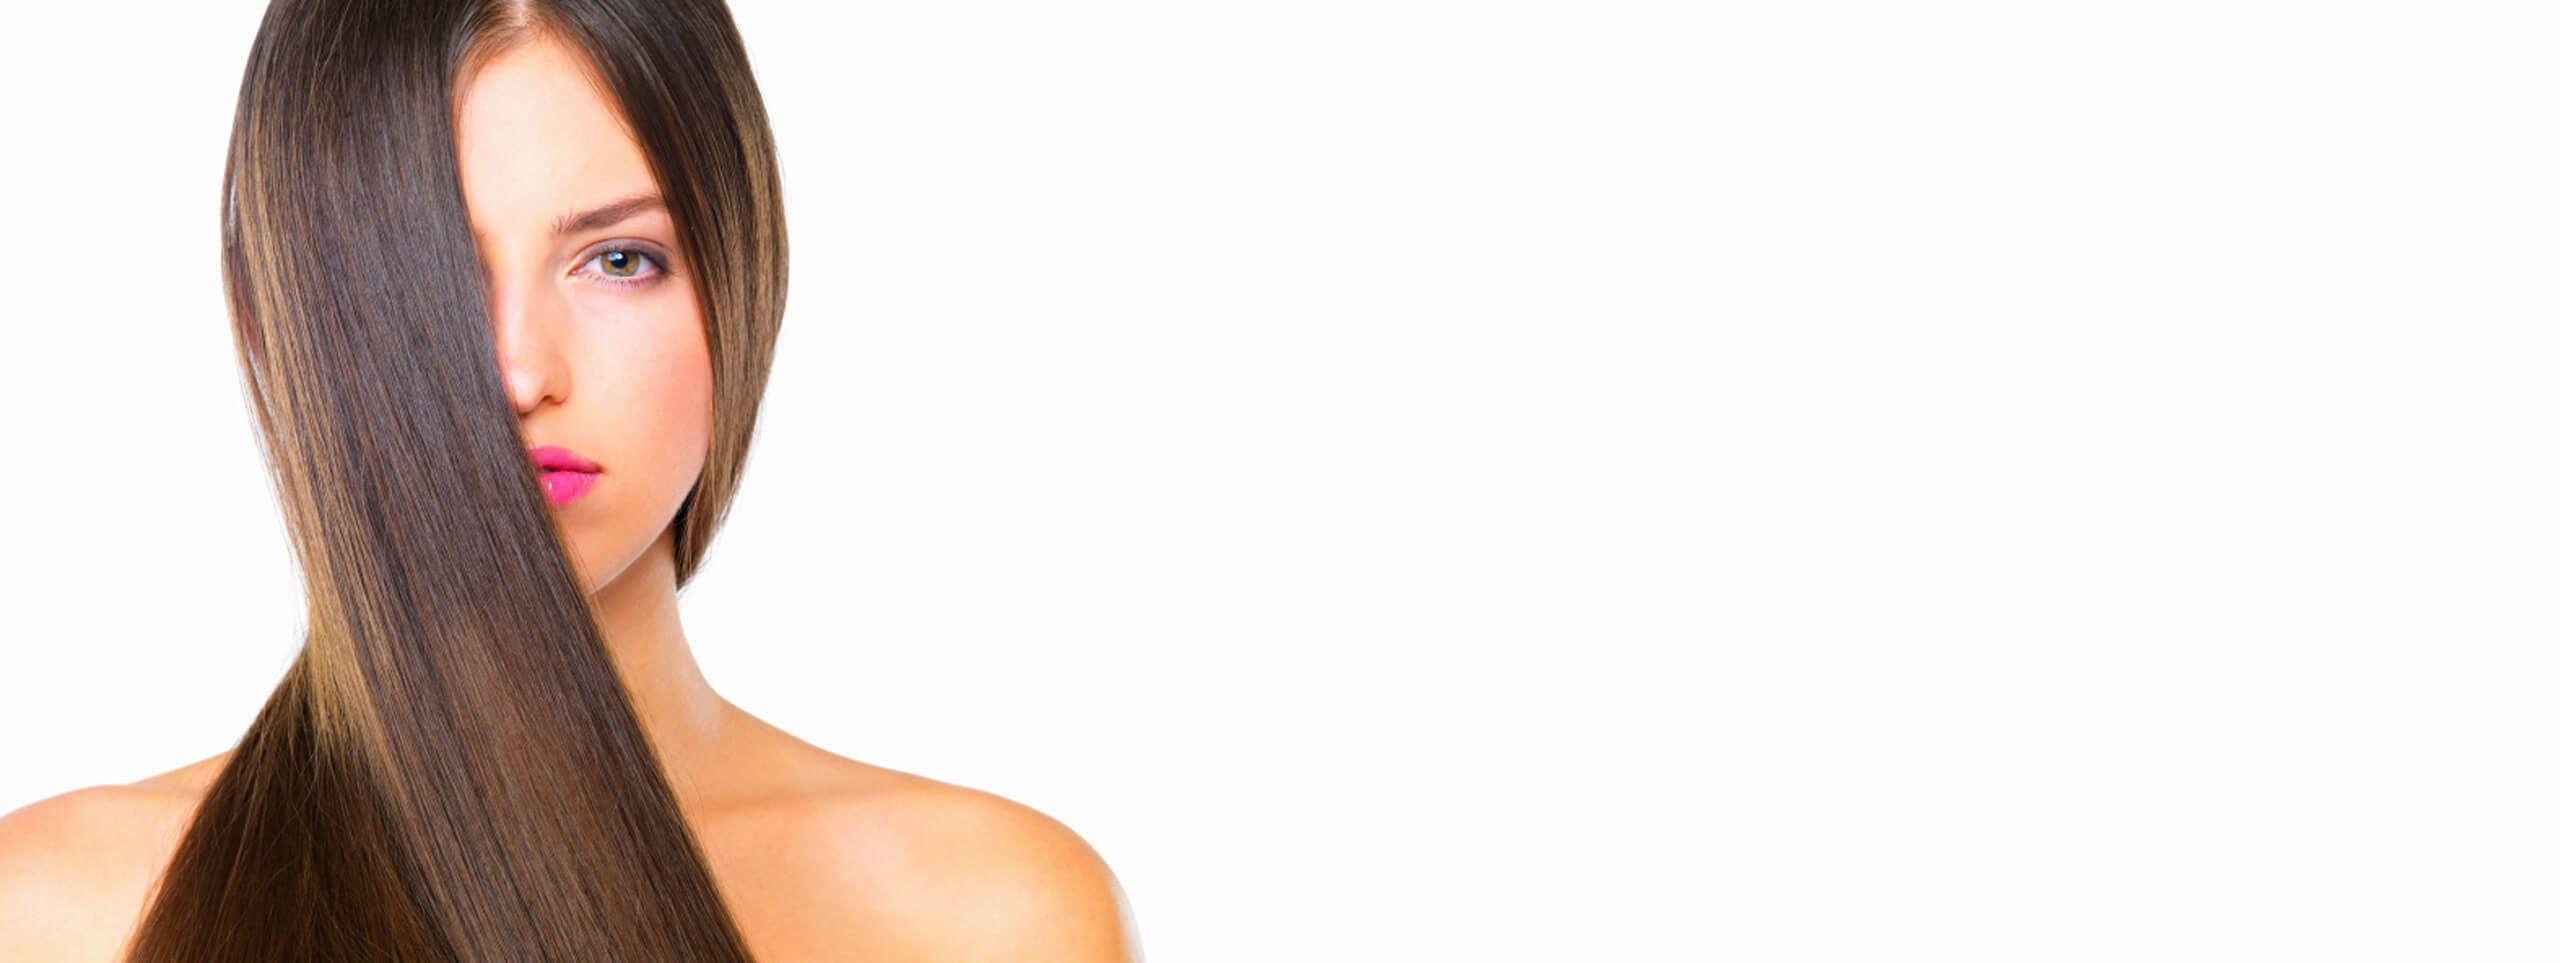 Kobieta z lśniącymi włosami